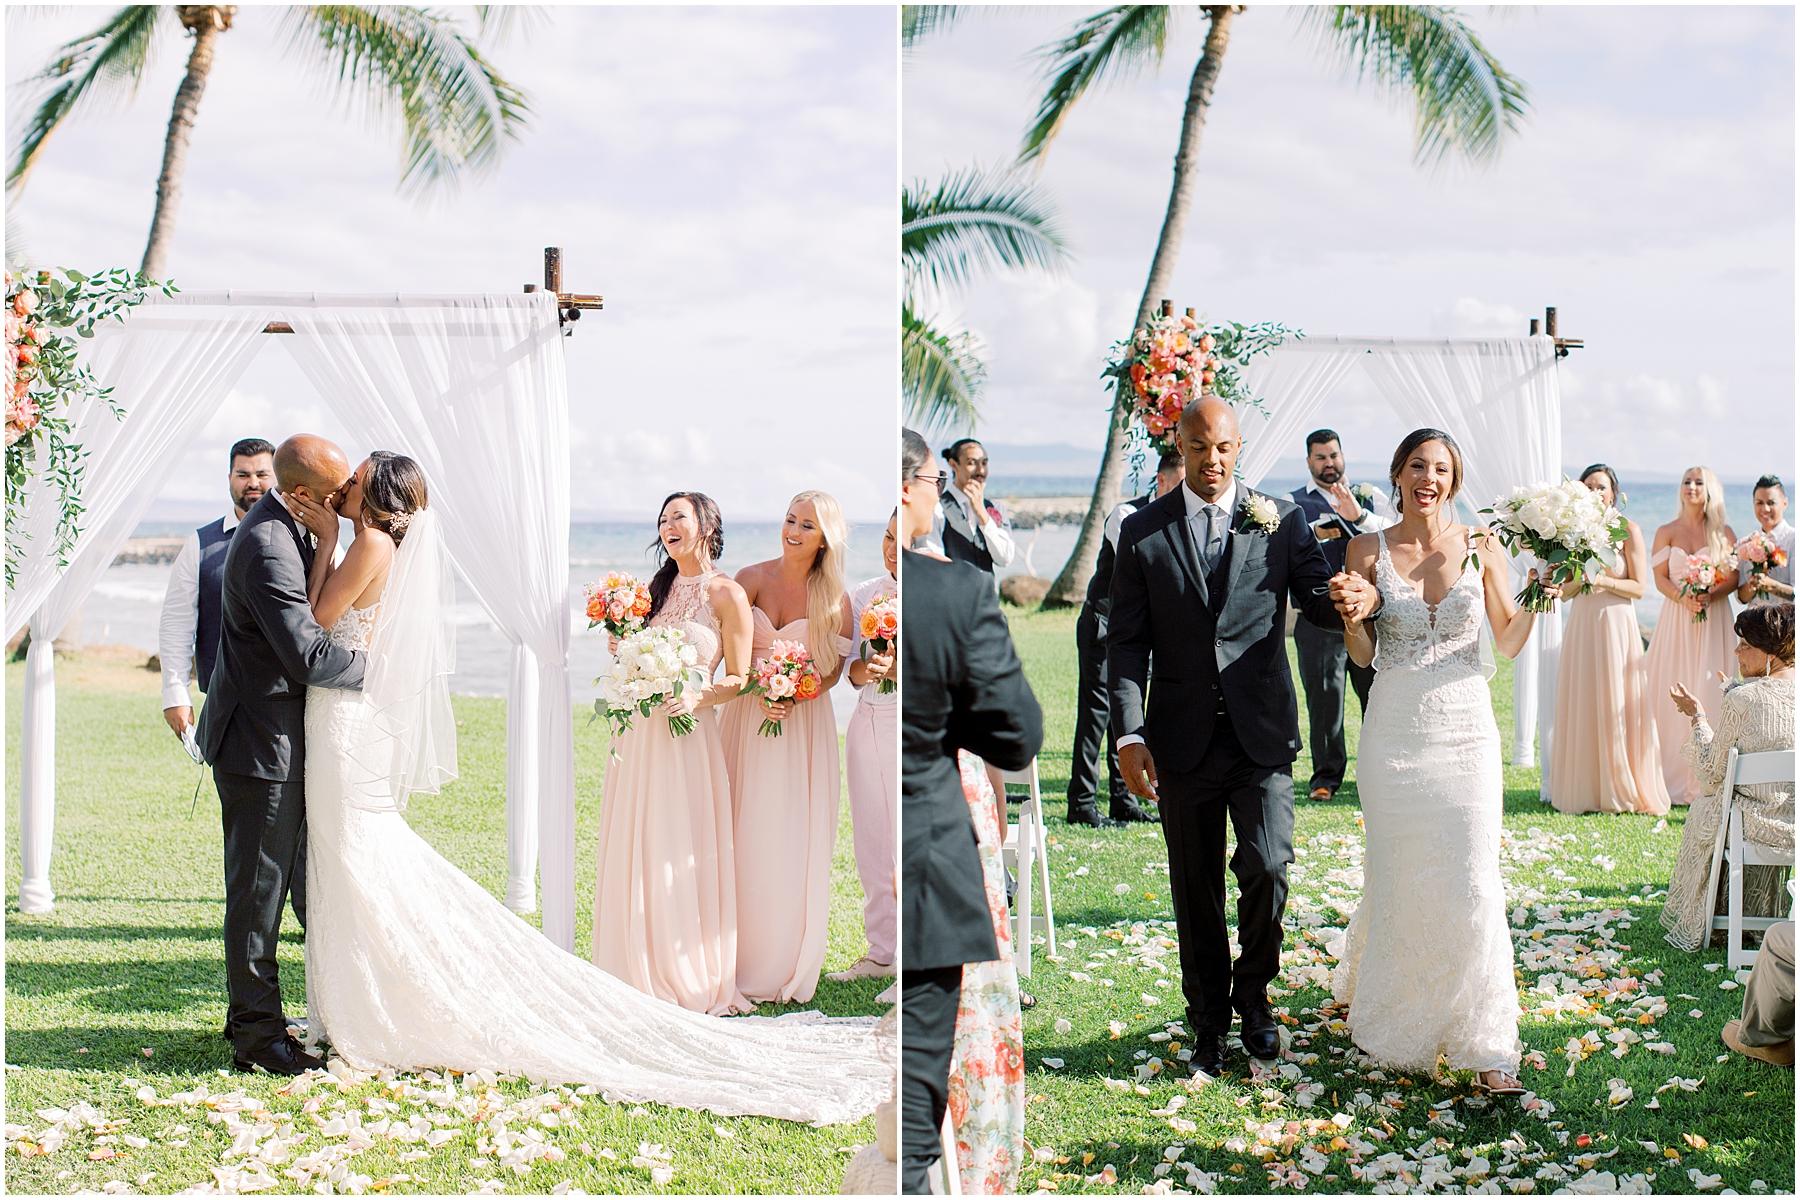 Olowalu-Plantation-House-wedding-Maui-Hawaii-1-4.jpg